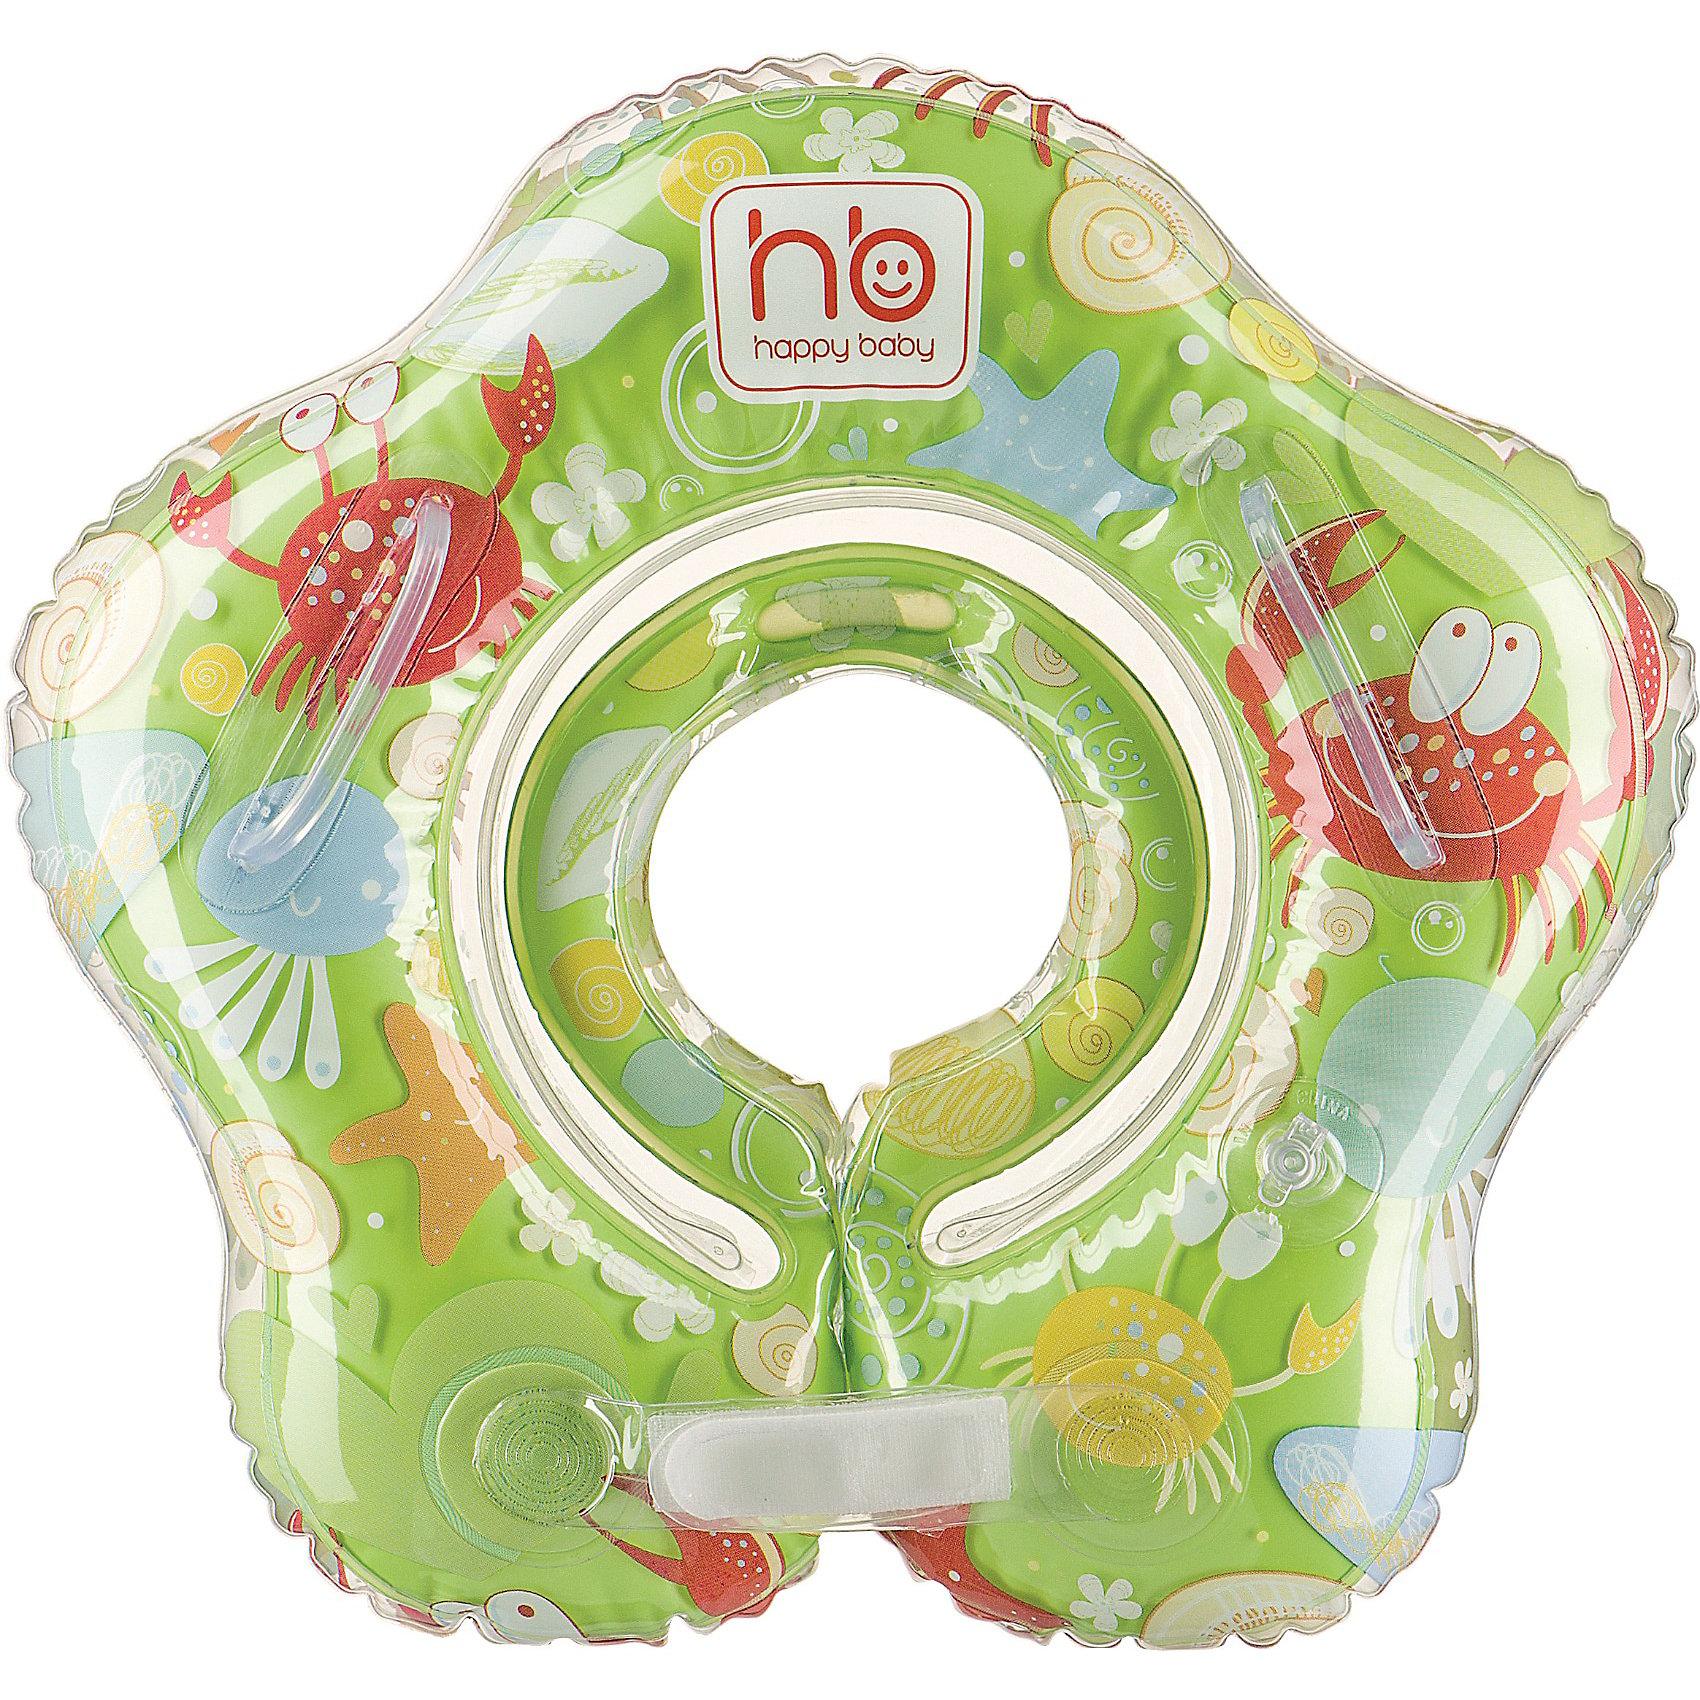 Надувной круг на шею SWIMMER, Happy BabyКруги для купания малыша<br>Детский надувной круг на шею SWIMMER, Happy Baby предназначен для купания детей с самого рождения, когда ребенок еще не в состоянии самостоятельно держать головку, и до 1 года. Плавательный круг поддерживает головку ребенка на поверхности воды и делает процедуру купания легкой и приятной. Его легко надевать и снимать. Способствует уменьшению тревожности в период пребывании ребенка в воде, а также поможет ему в будущем быстрее научиться плавать самостоятельно. Круг изготовлен из высококачественных материалов, удовлетворяющих требованиям безопасности детских товаров.<br><br>Дополнительная информация:<br><br>- Эффект погремушки<br>- Удобная и надежная фиксация<br>- Безопасный шов<br>- Материал: ПВХ<br>- Максимальный вес ребенка: 10 кг.<br>- Размер упаковки: 20 х 3,5 х 15 см.<br>- Диаметр внешнего круга: 36 см.<br><br>Детский надувной круг на шею SWIMMER, Happy Baby (Хэппи Беби) можно купить в нашем интернет-магазине.<br><br>Ширина мм: 35<br>Глубина мм: 150<br>Высота мм: 200<br>Вес г: 200<br>Возраст от месяцев: 0<br>Возраст до месяцев: 12<br>Пол: Унисекс<br>Возраст: Детский<br>SKU: 3739114